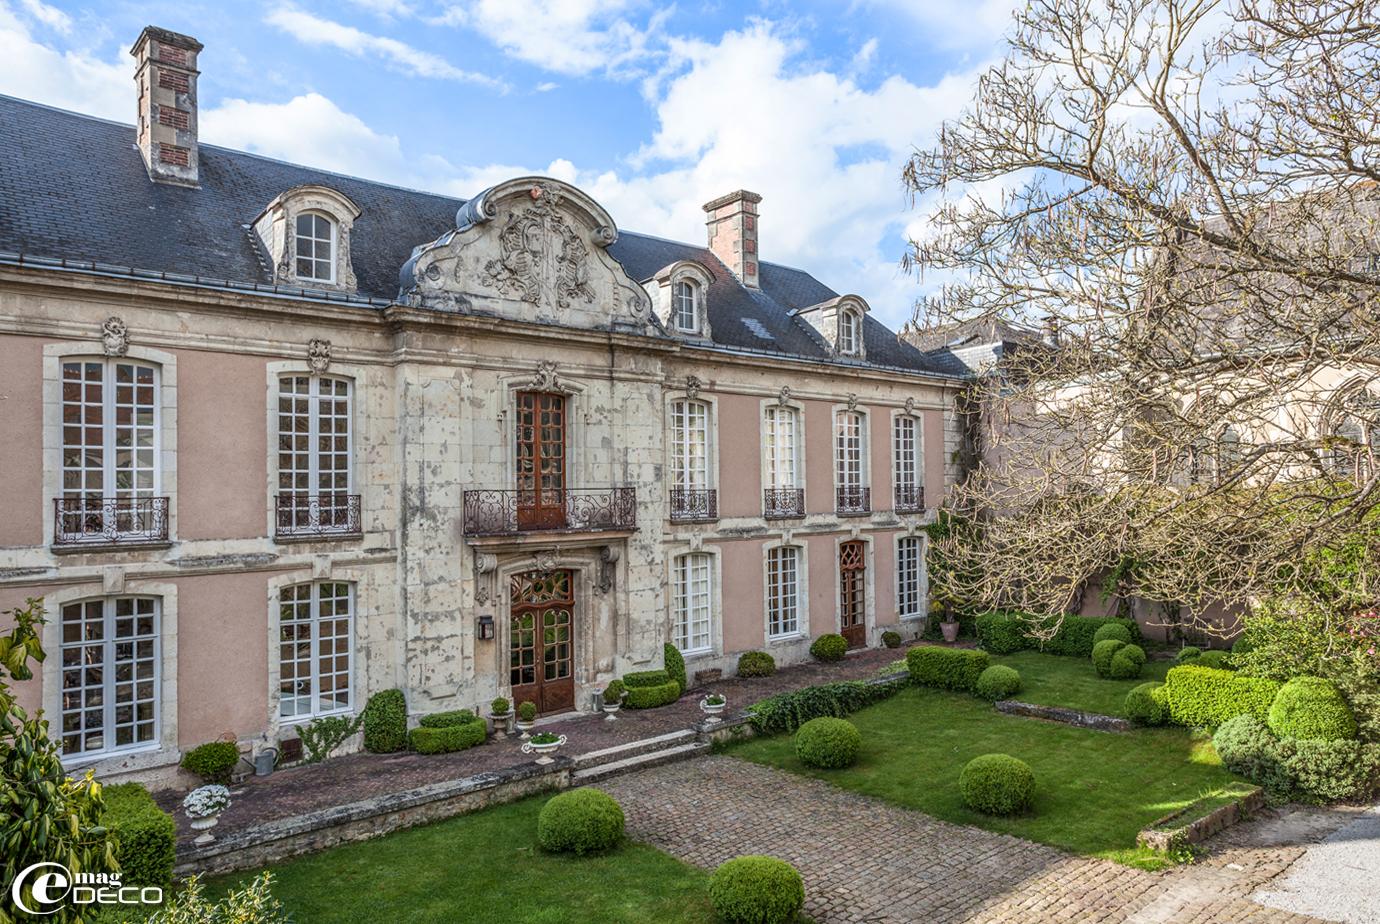 La façade ordonnancée de l'Hôtel des Tailles à Mortagne-au-Perche avec sa magnifique travée centrale surmontée d'un fronton